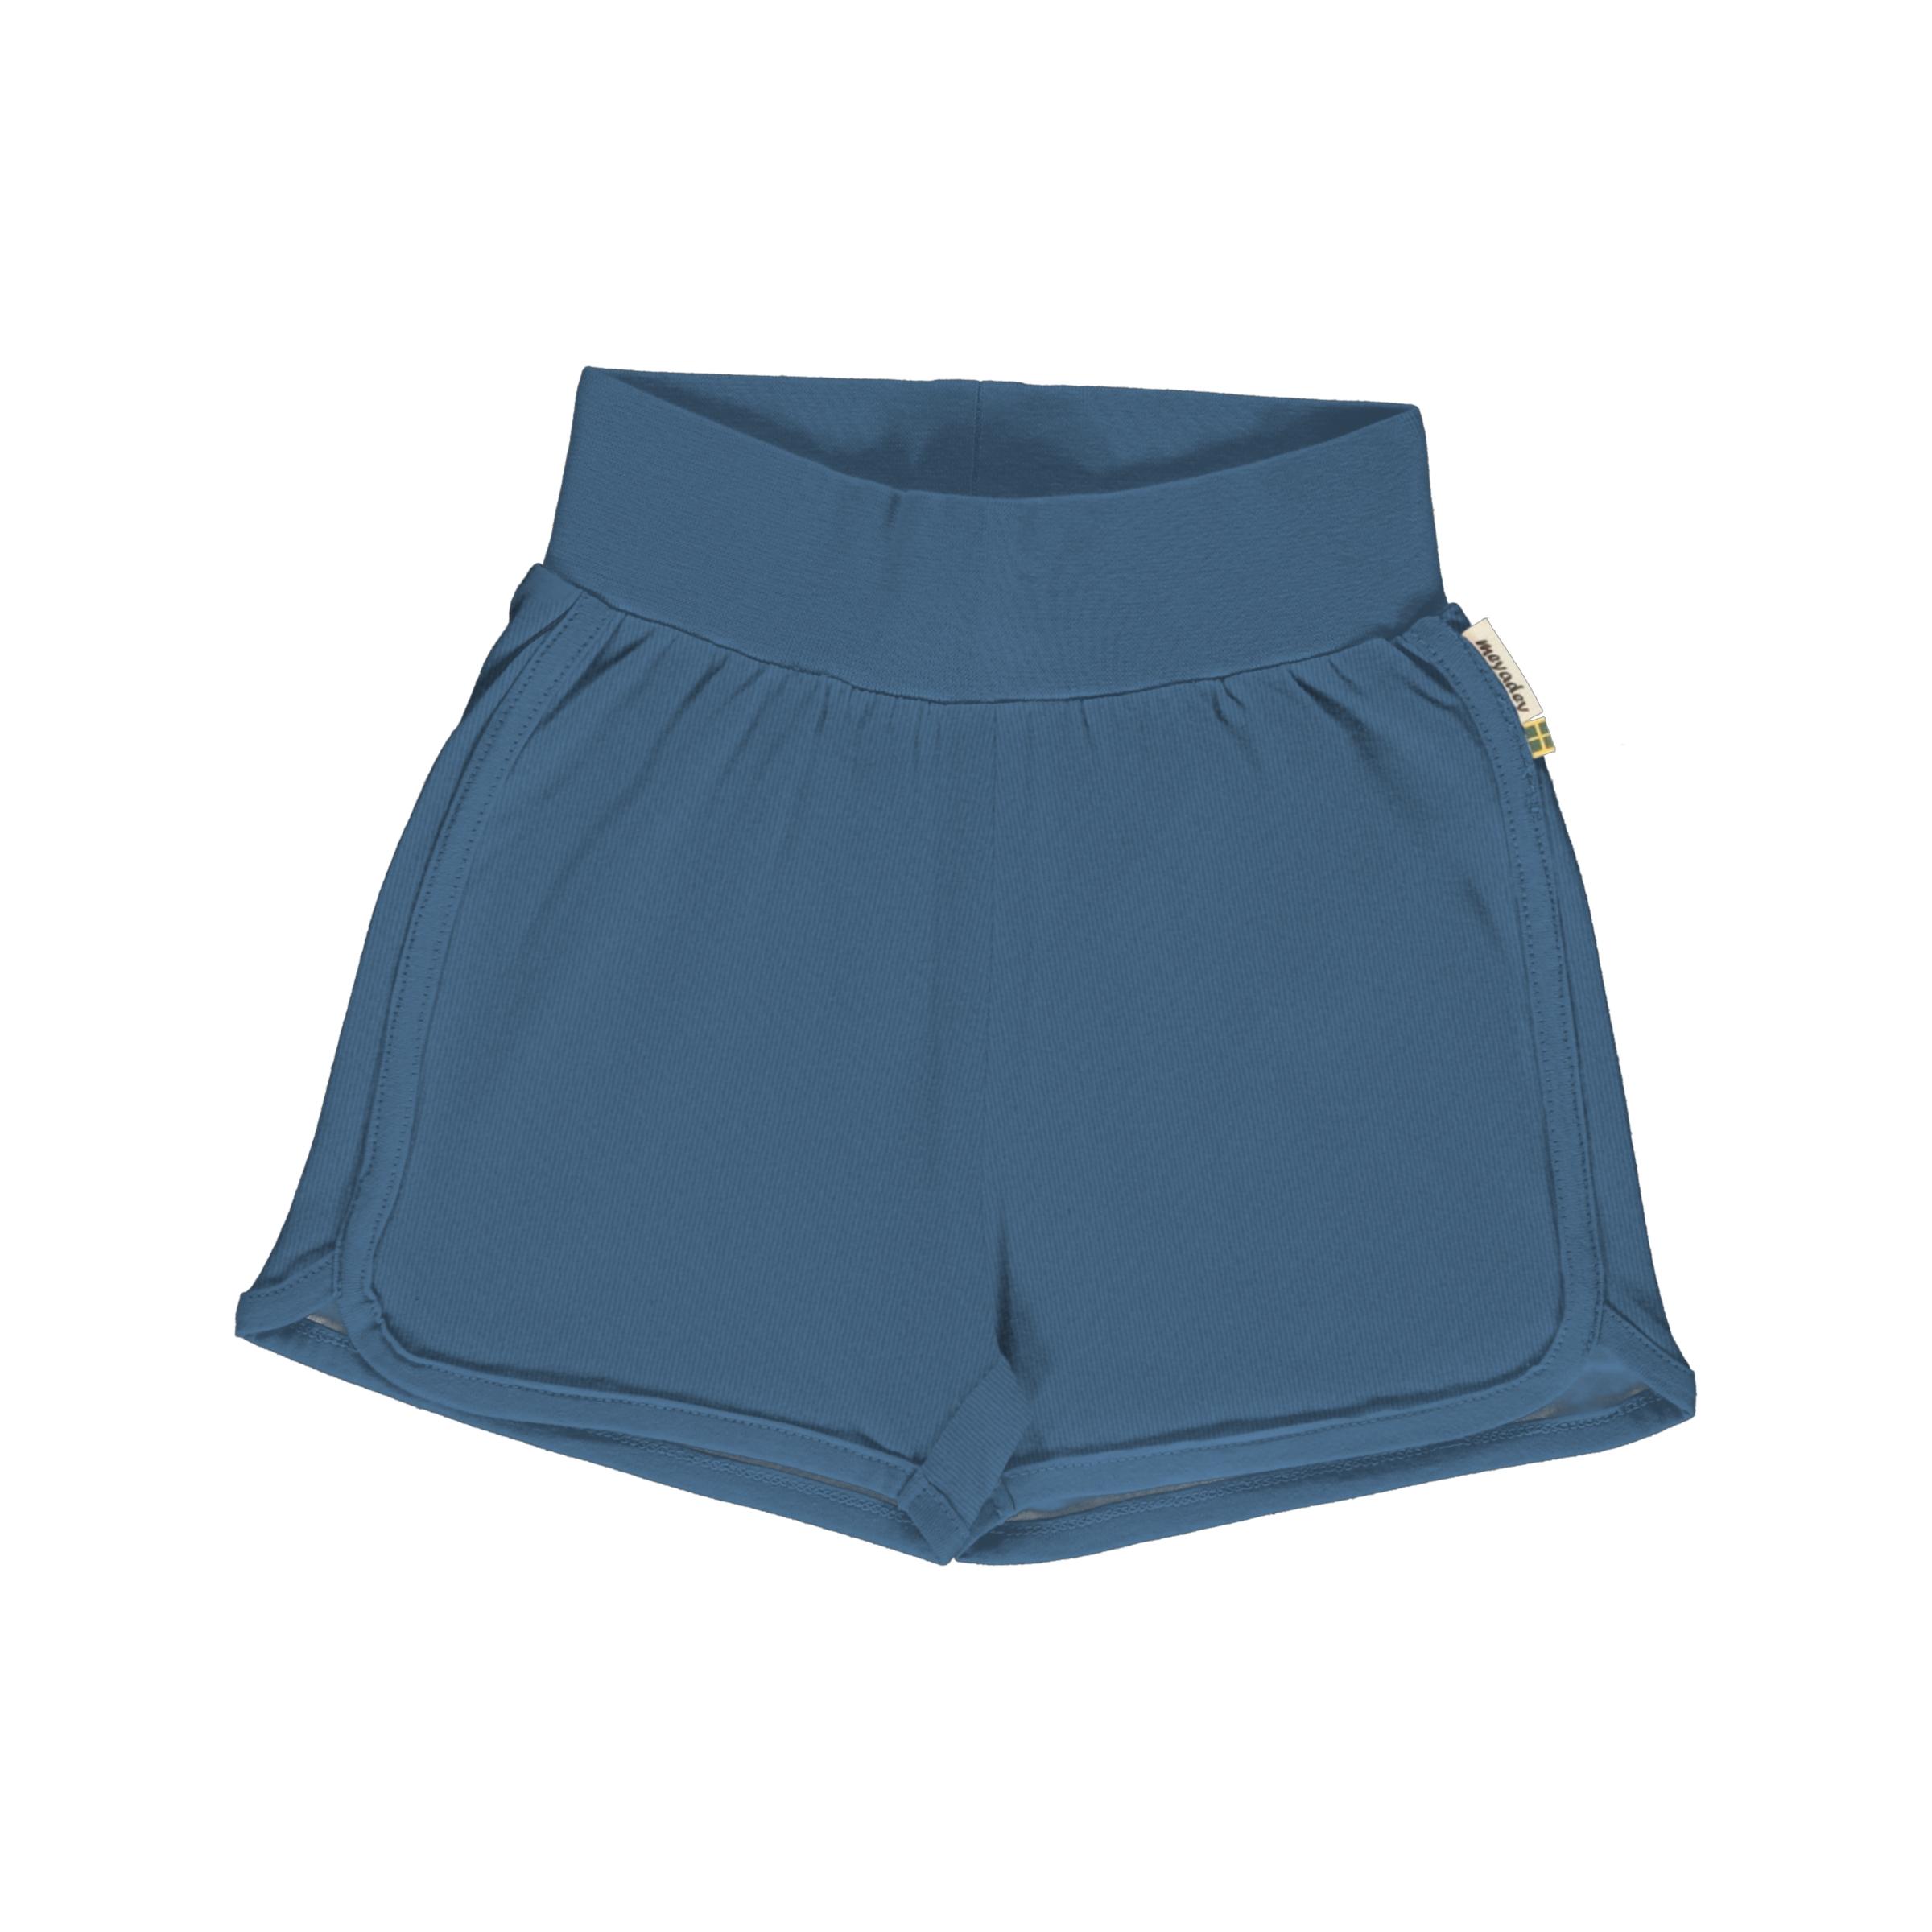 Meyadey by Maxomorra Runner Shorts Solid MOONLIGHT BLUE 074/080